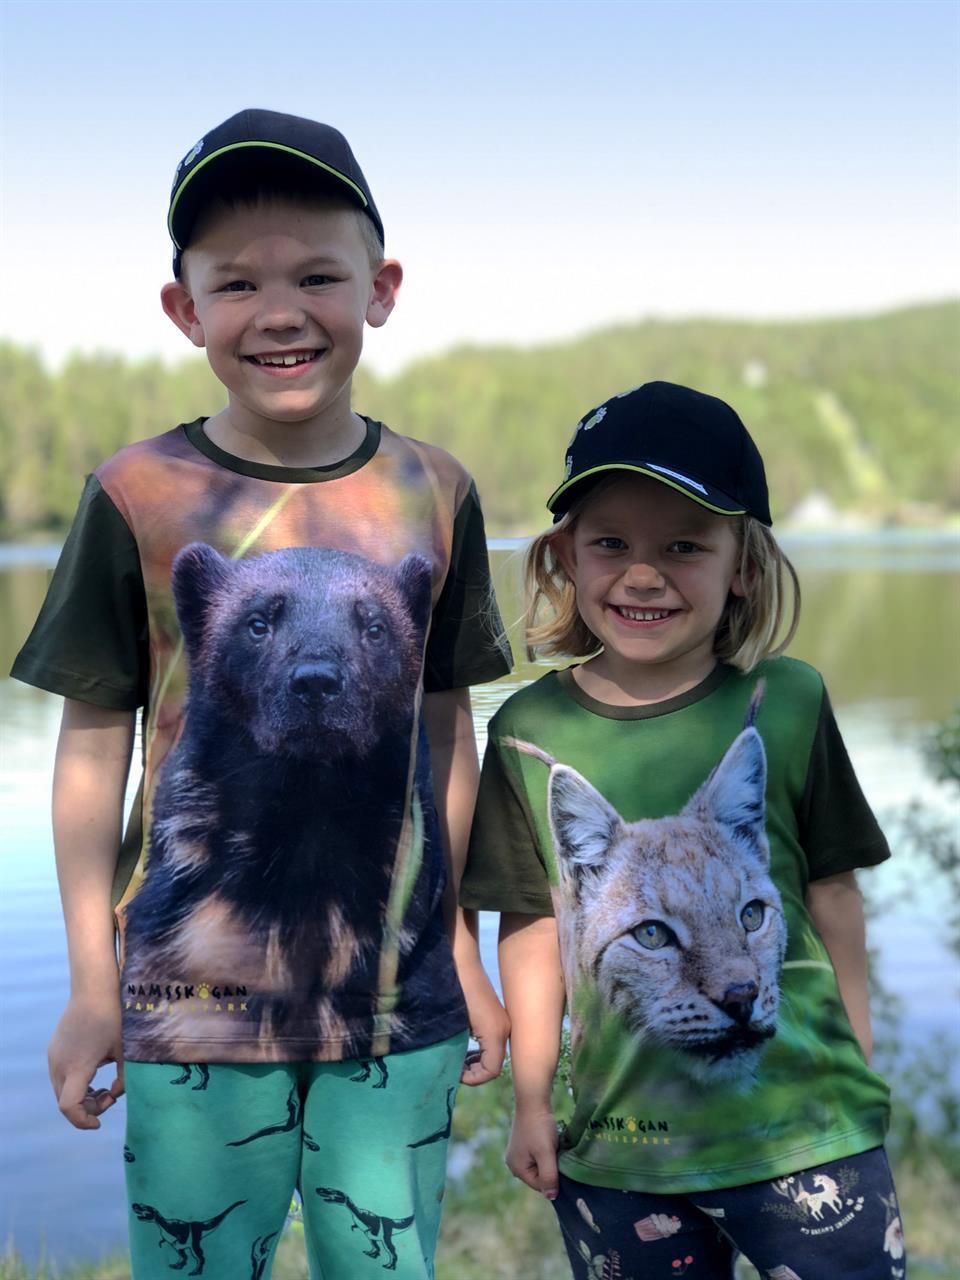 T-skjorte jerv barn